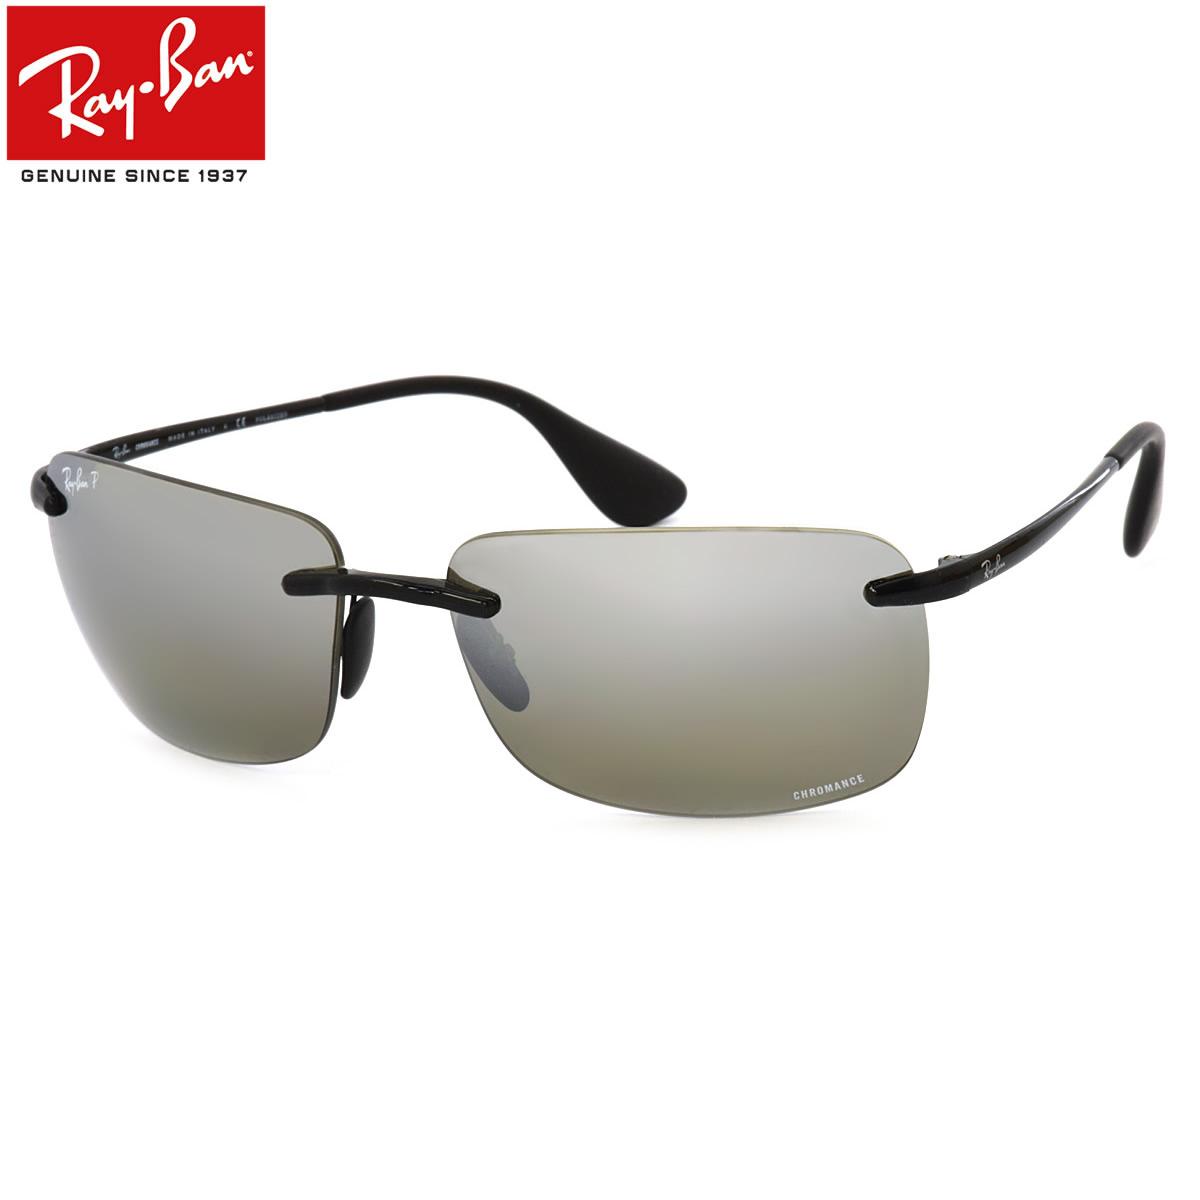 レイバン サングラス ミラー 偏光 クロマンス Ray-Ban RB4255 601/5J 60サイズ レイバン RAYBAN CHROMANCE LENSES 6015J フチなし ツーポイント 偏光レンズ 偏光サングラス メンズ レディース